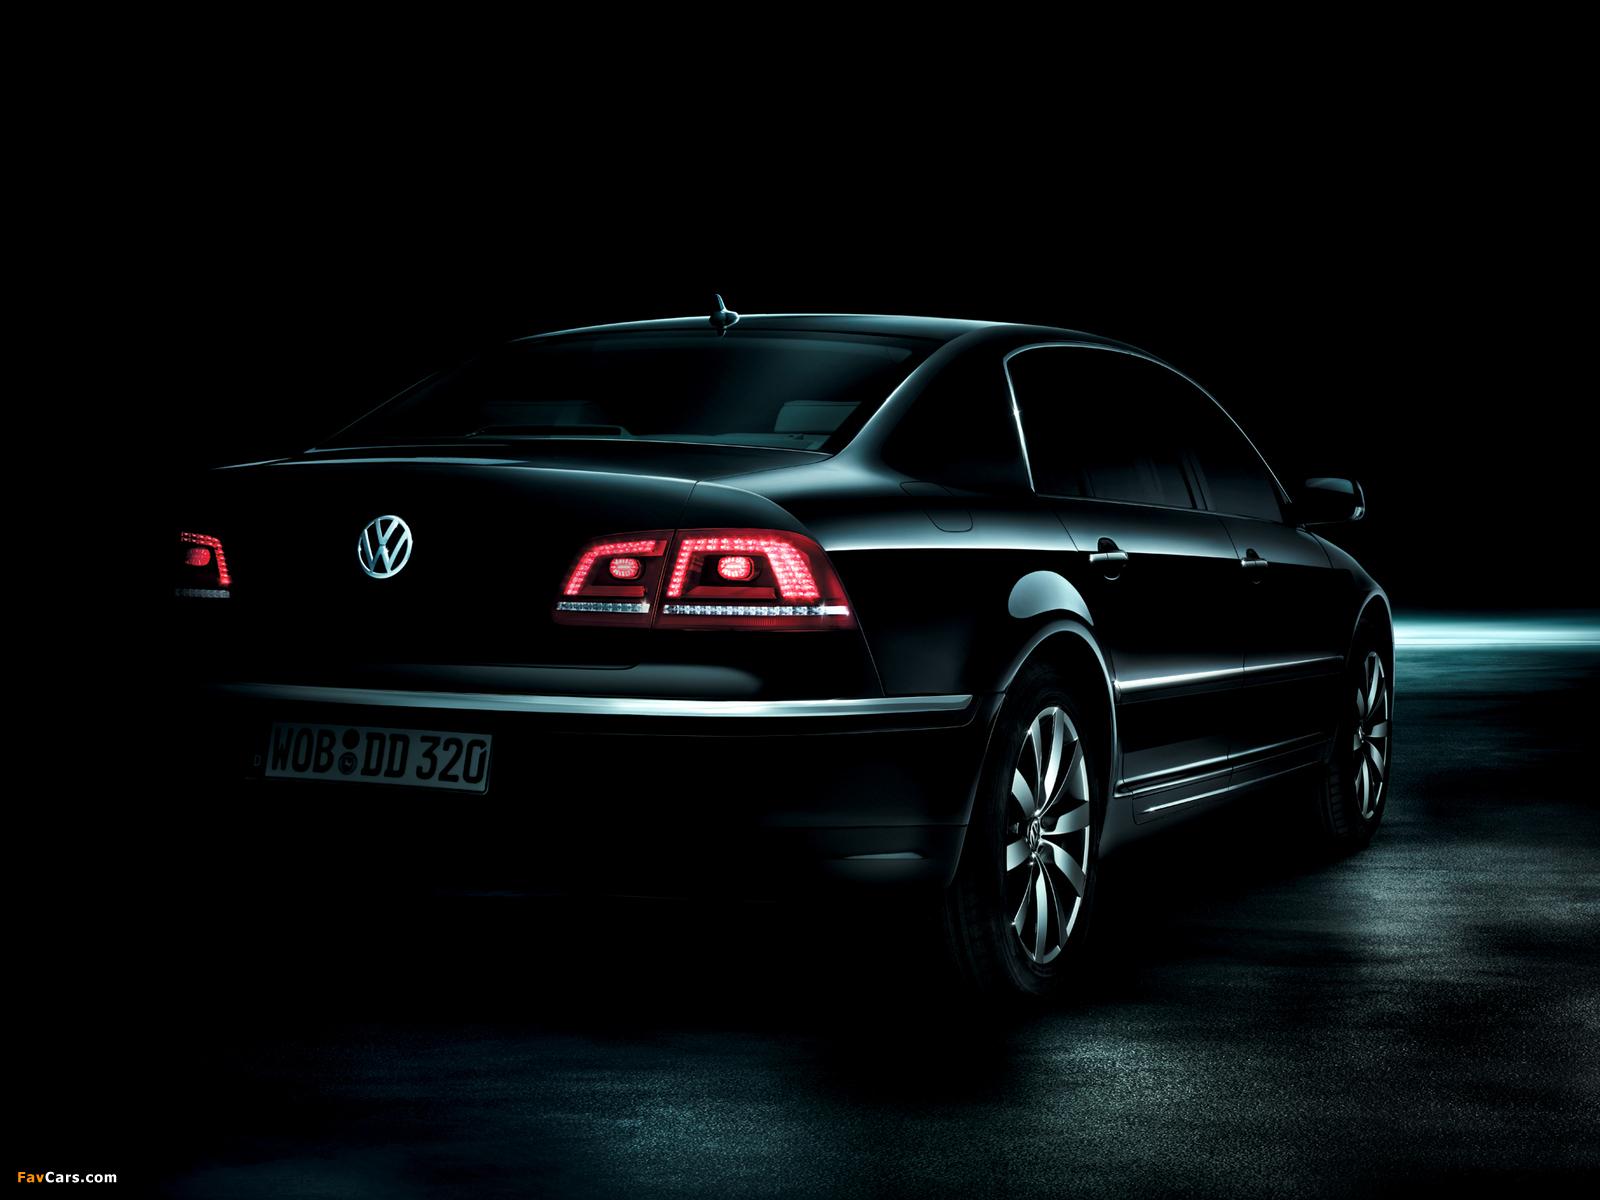 Volkswagen Phaeton V8 2010 images (1600 x 1200)